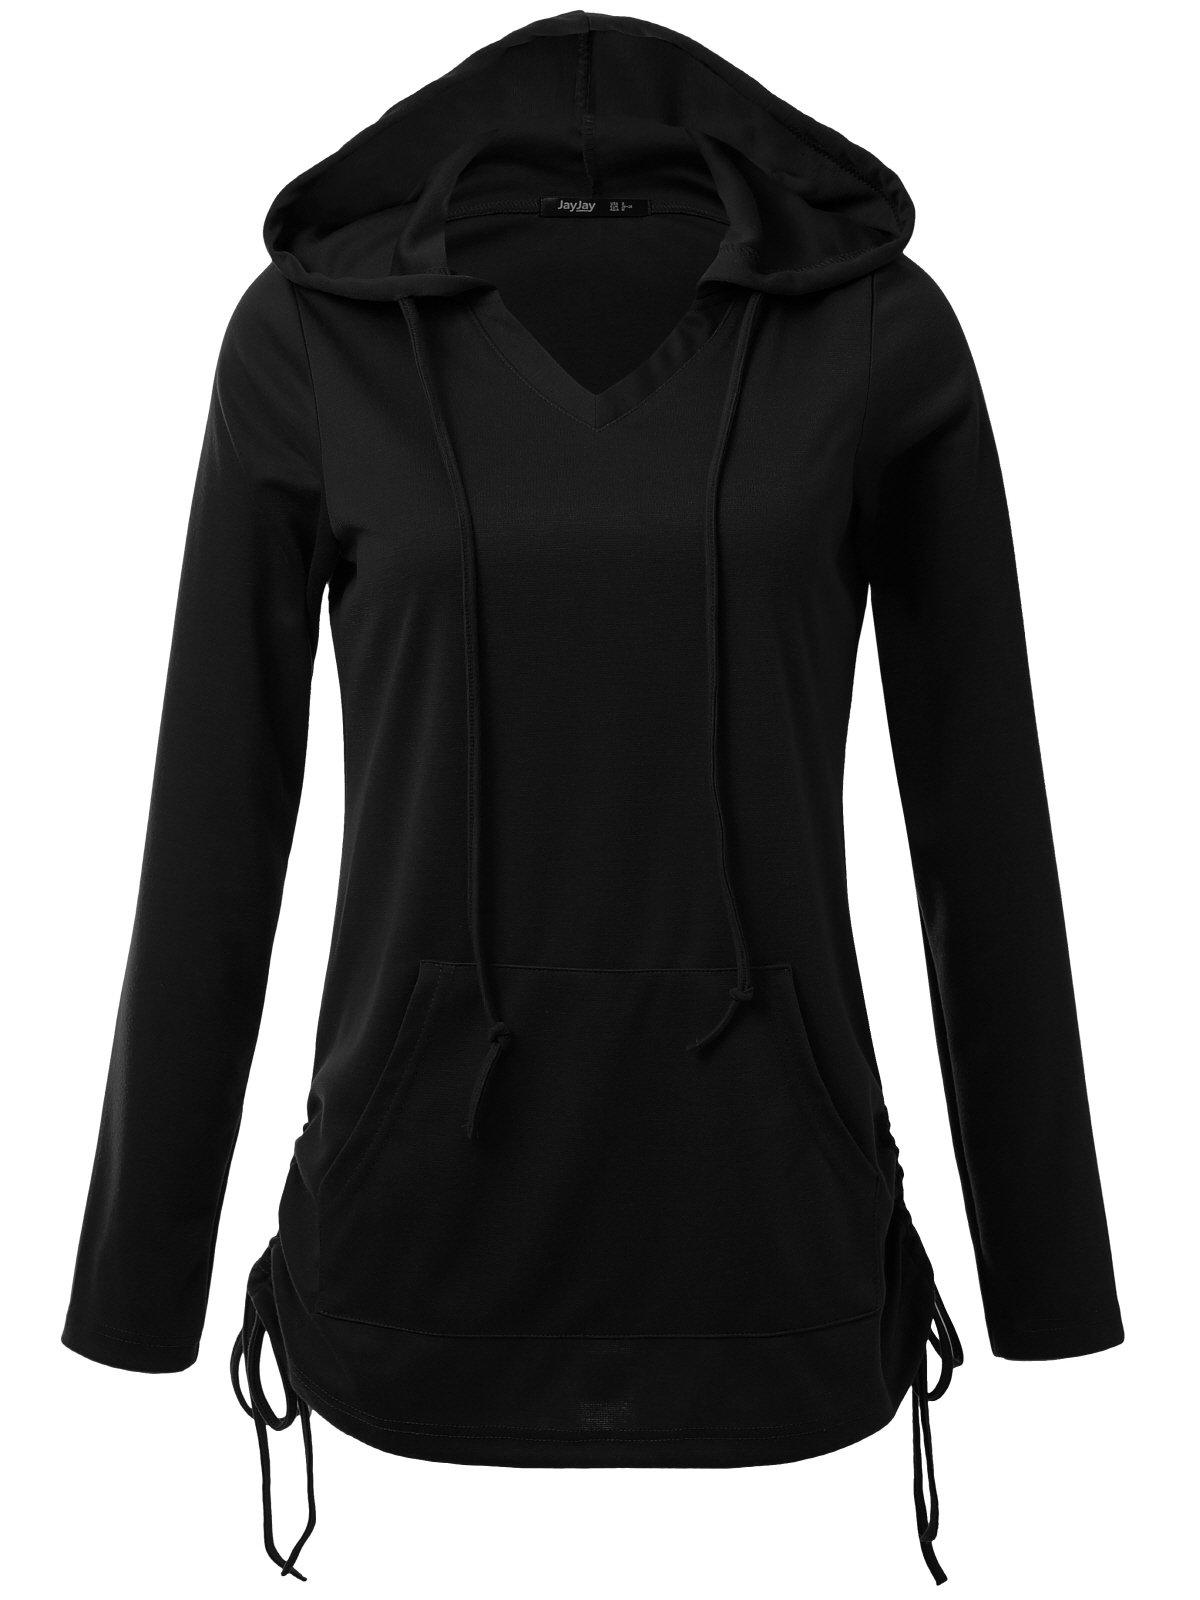 JayJay Women Lace Up Sweat Casual Long Sleeve Hoodie Lightweight Sweatshirt,Black,2XL